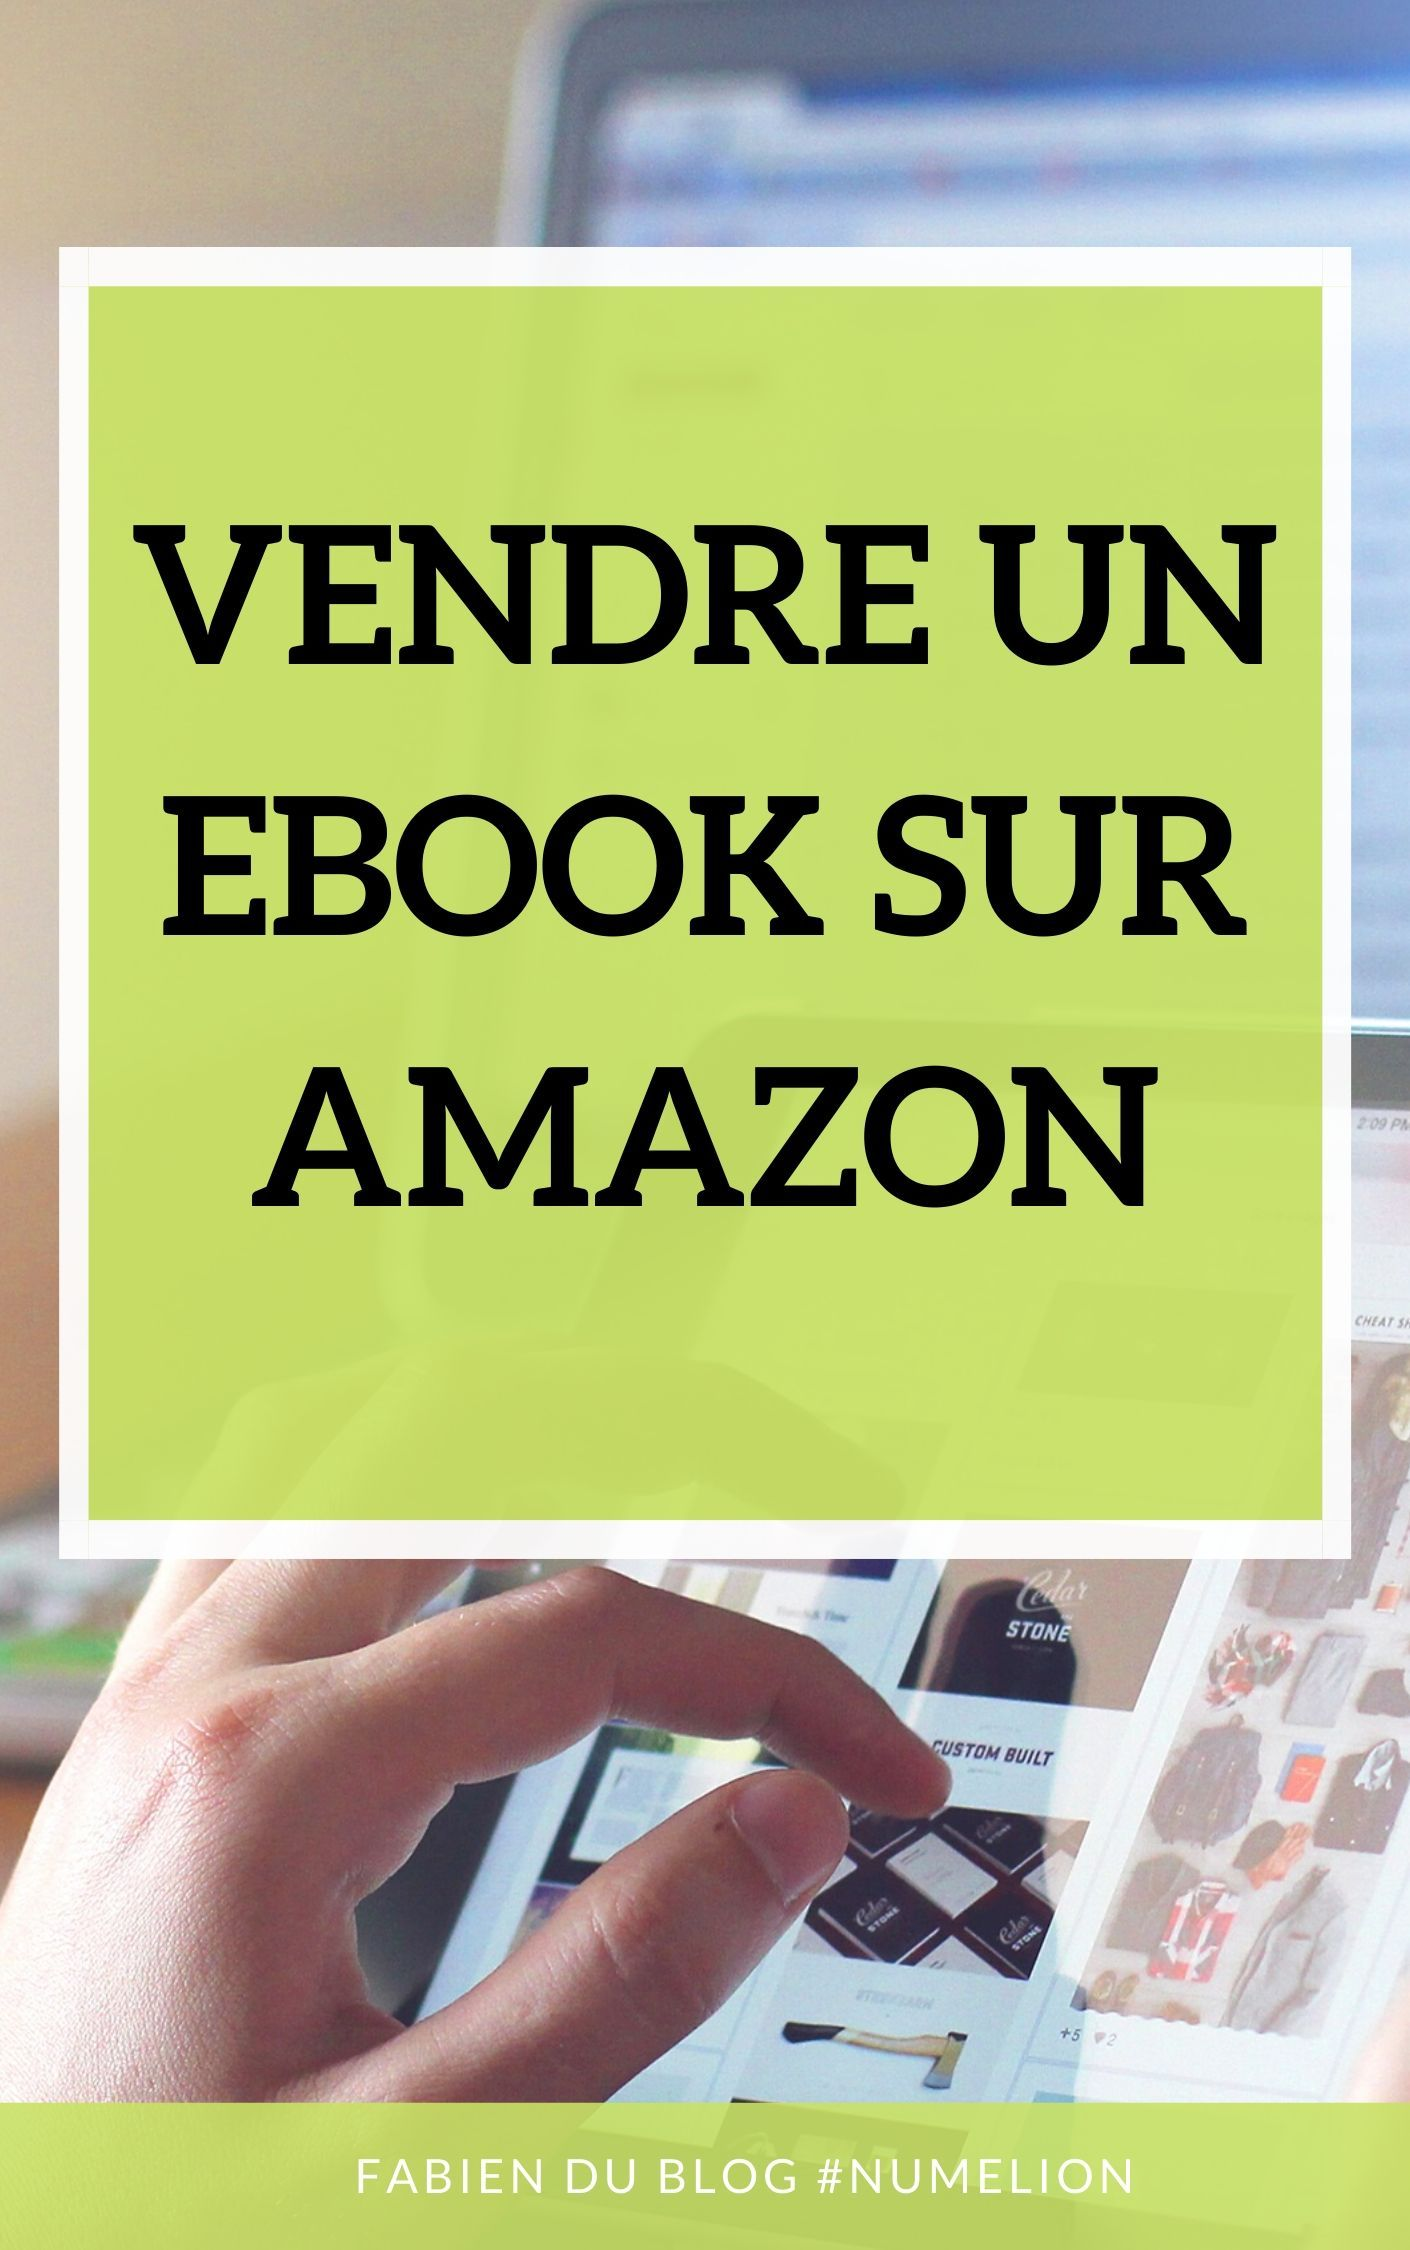 Vendre Ses Livres Sur Amazon : vendre, livres, amazon, Comment, Vendre, Ebook, Livre, Numérique, Amazon, Numérique,, Vendre,, Coaching